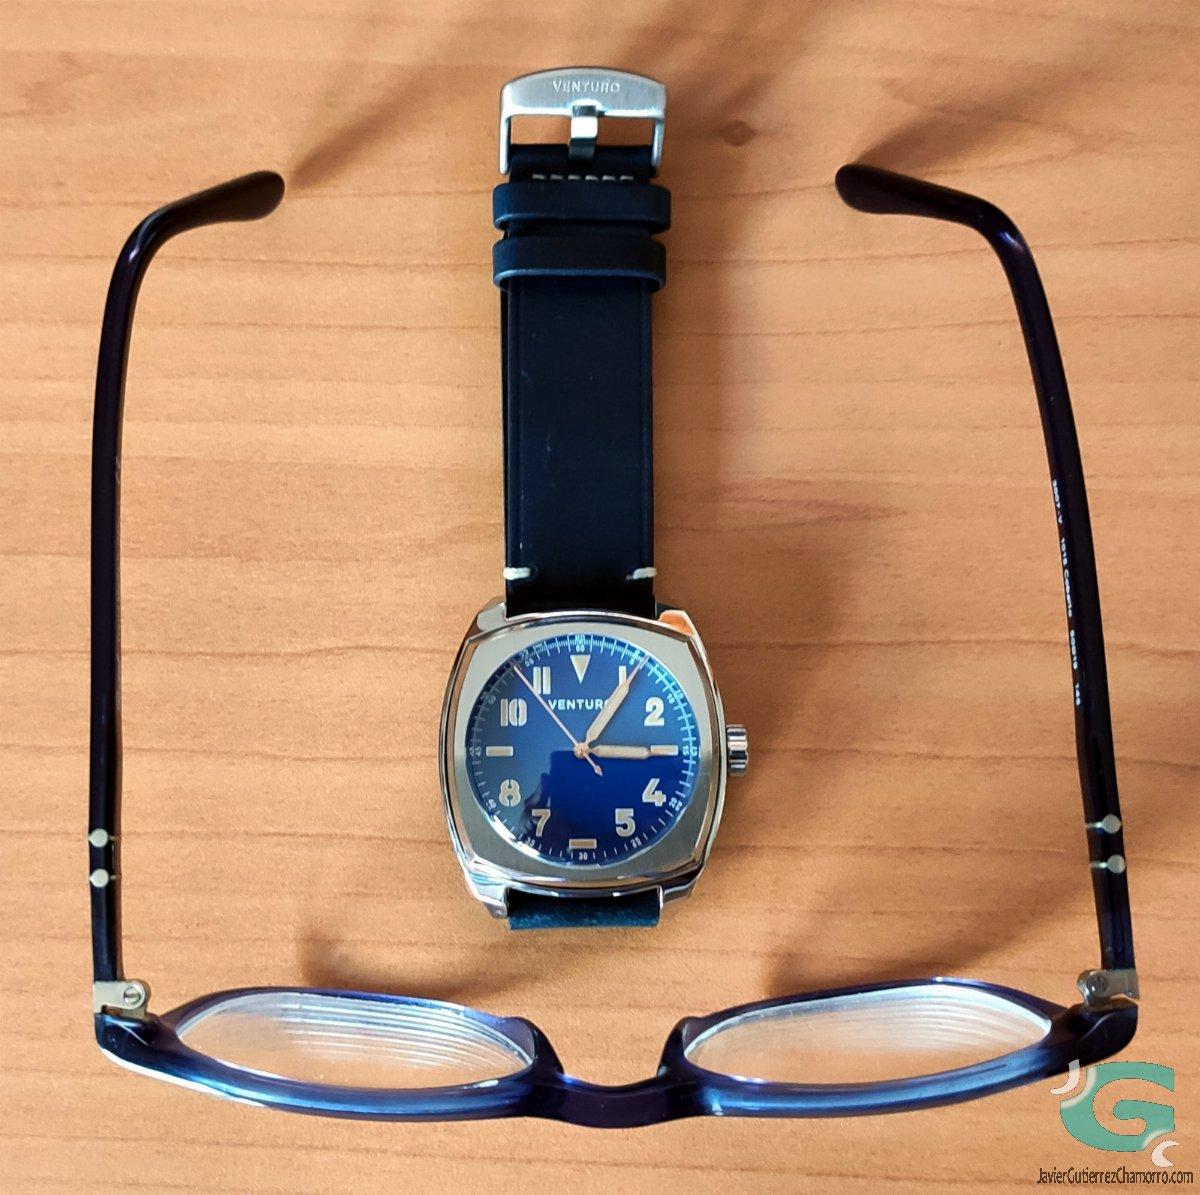 Venturo Field Watch #2